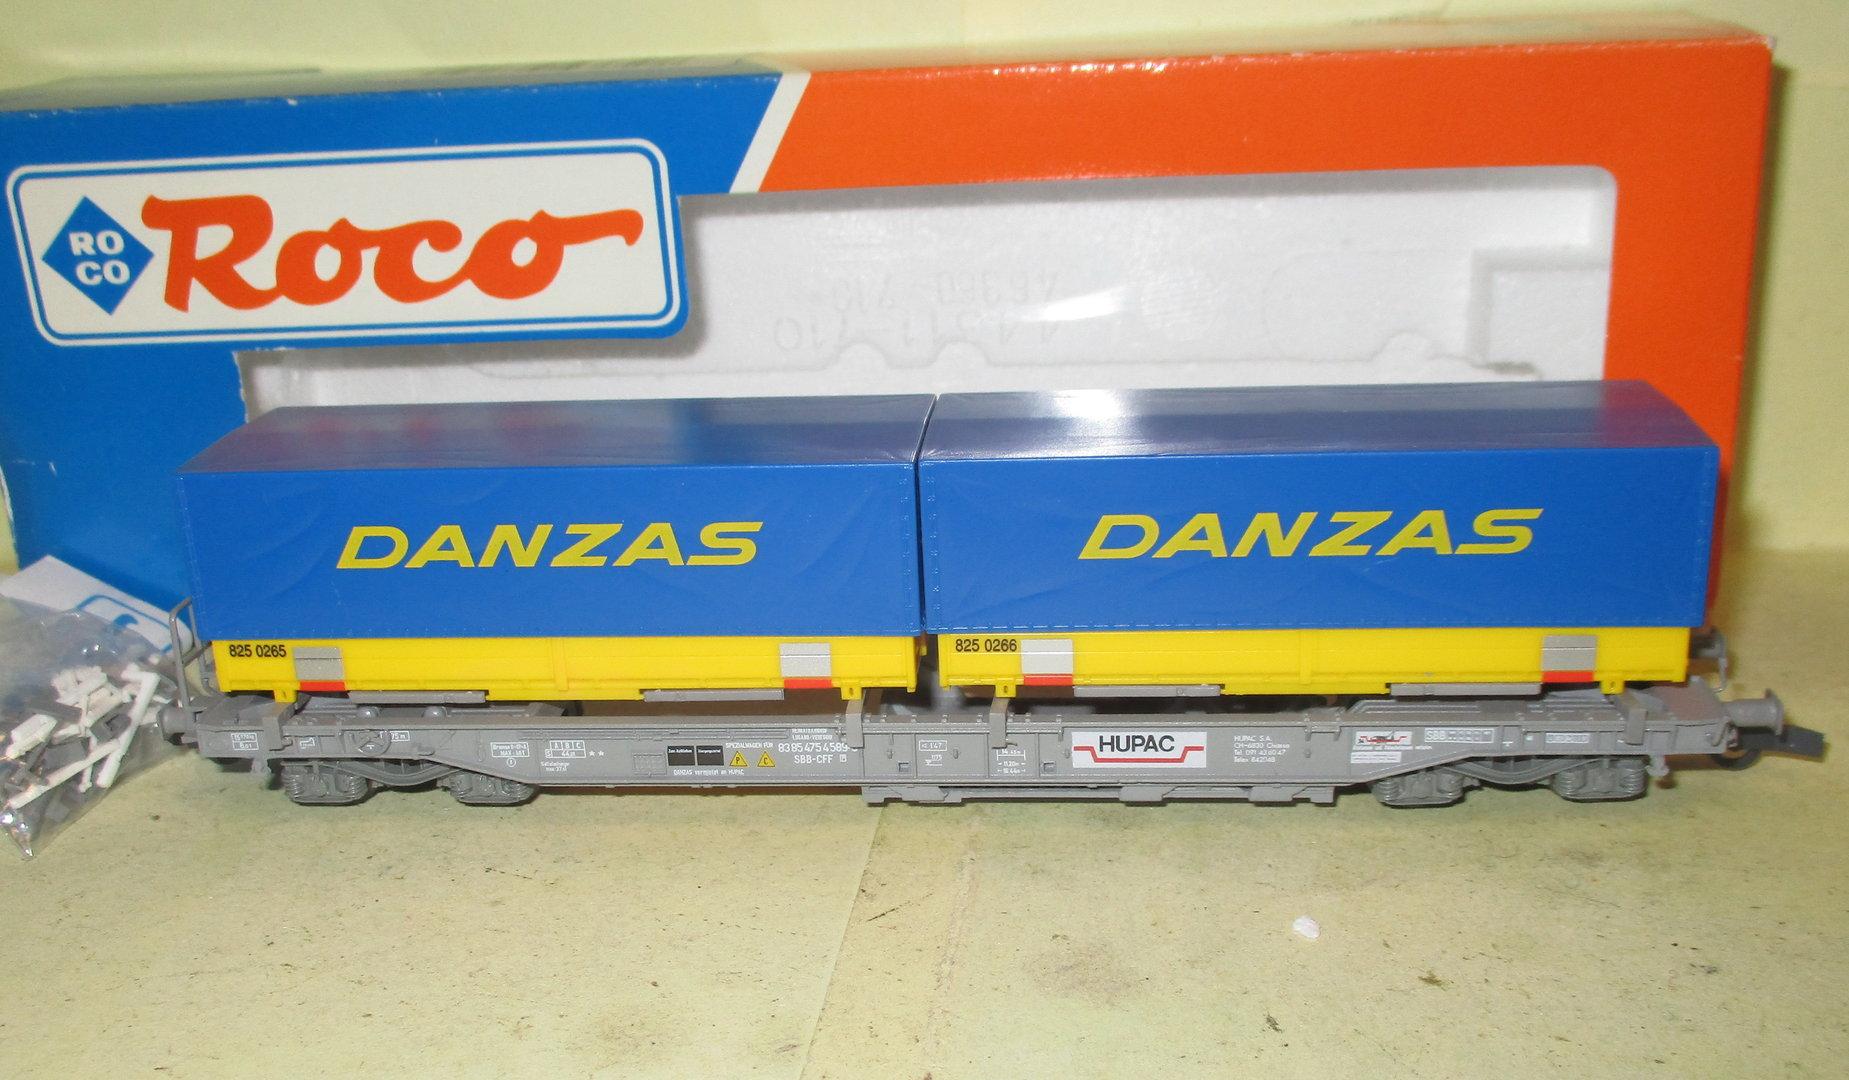 BM2455 Roco H0 46355 Taschenwagen Danzas Hupac SBB CFF OVP